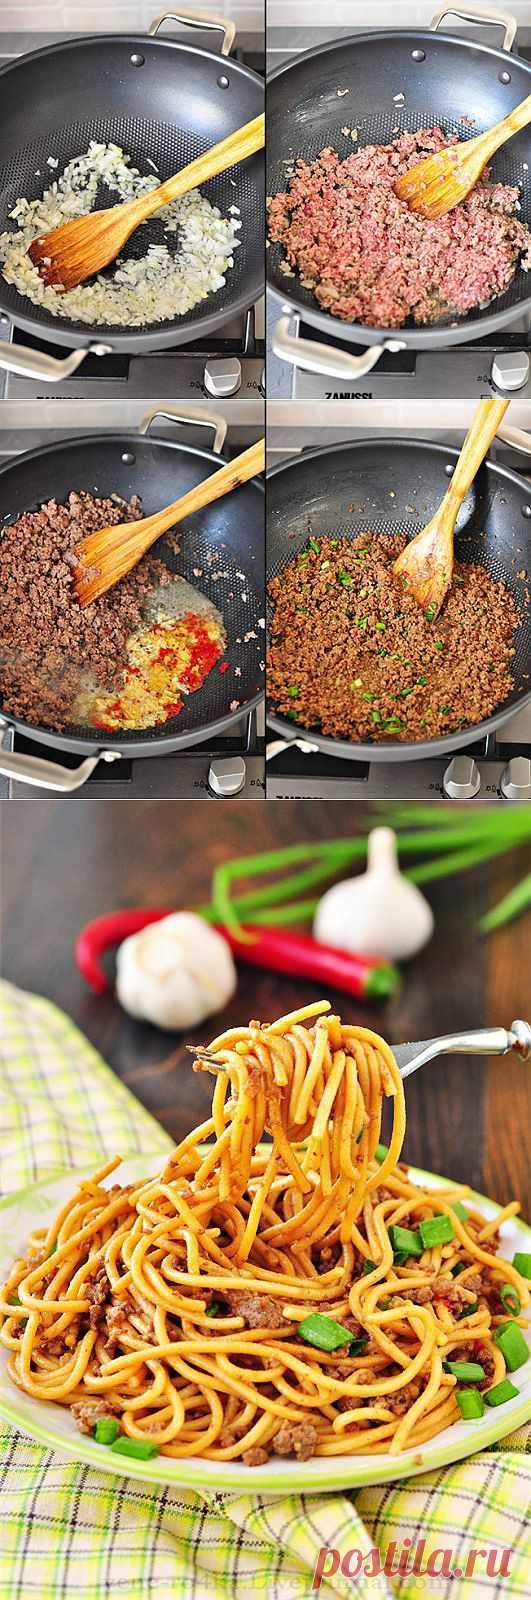 Лапша с мясным соусом по-тайски. Приготовление не требует много усилий, однако блюдо у вас получиться все равно очень вкусным.